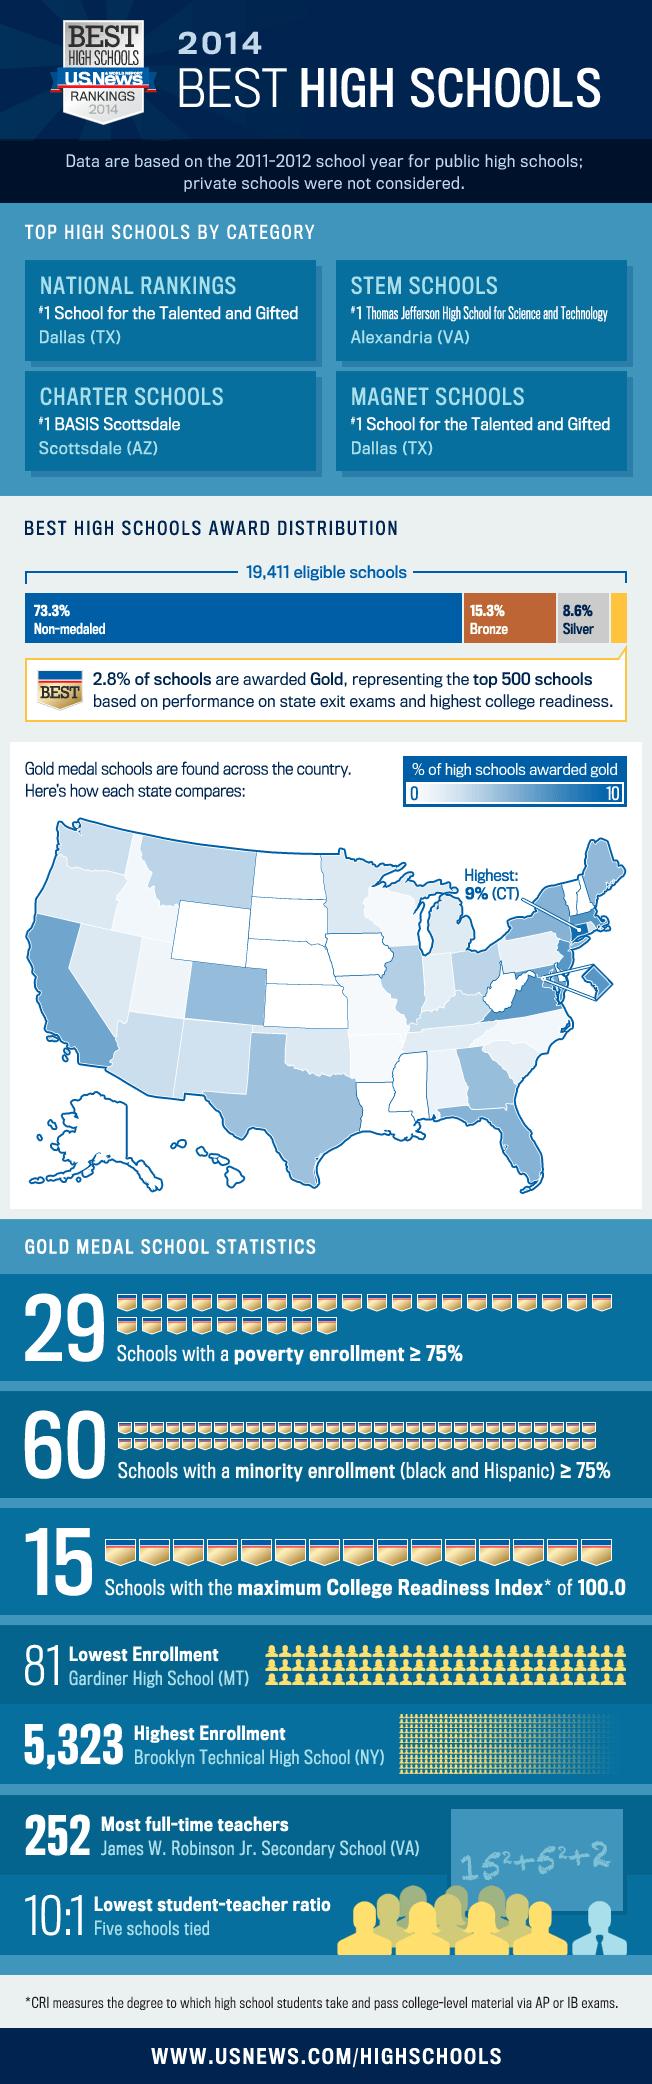 U.S. Best High Schools Infographic